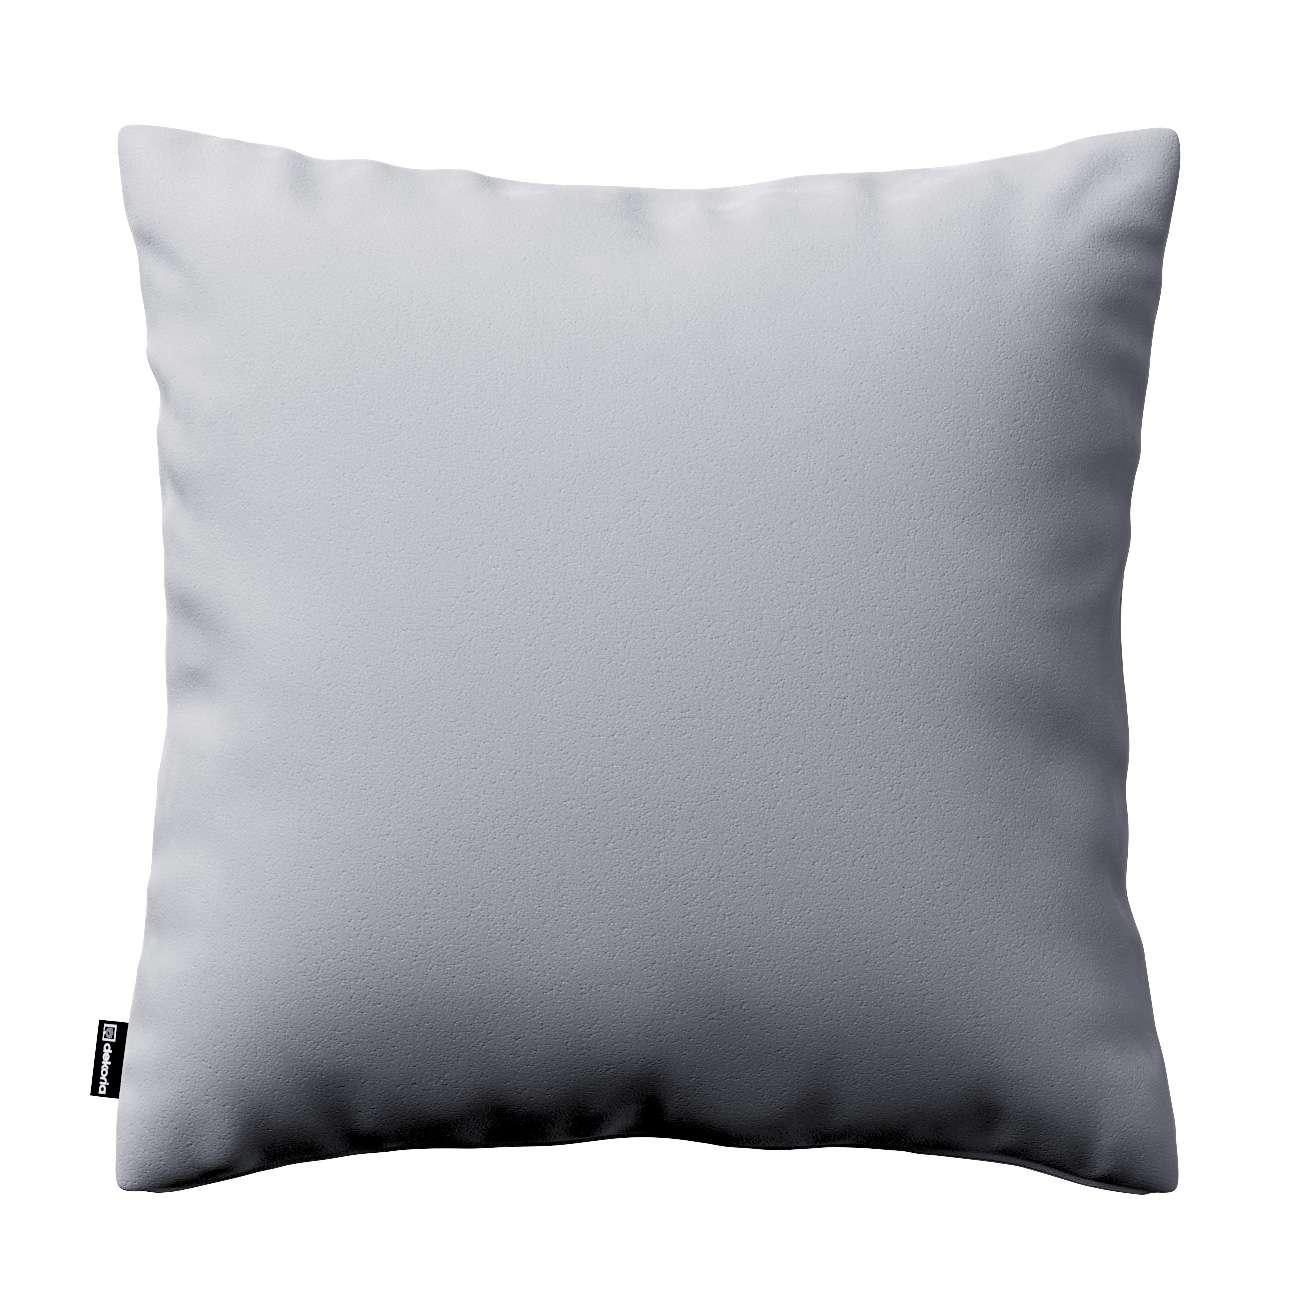 Poszewka Kinga na poduszkę w kolekcji Velvet, tkanina: 704-24